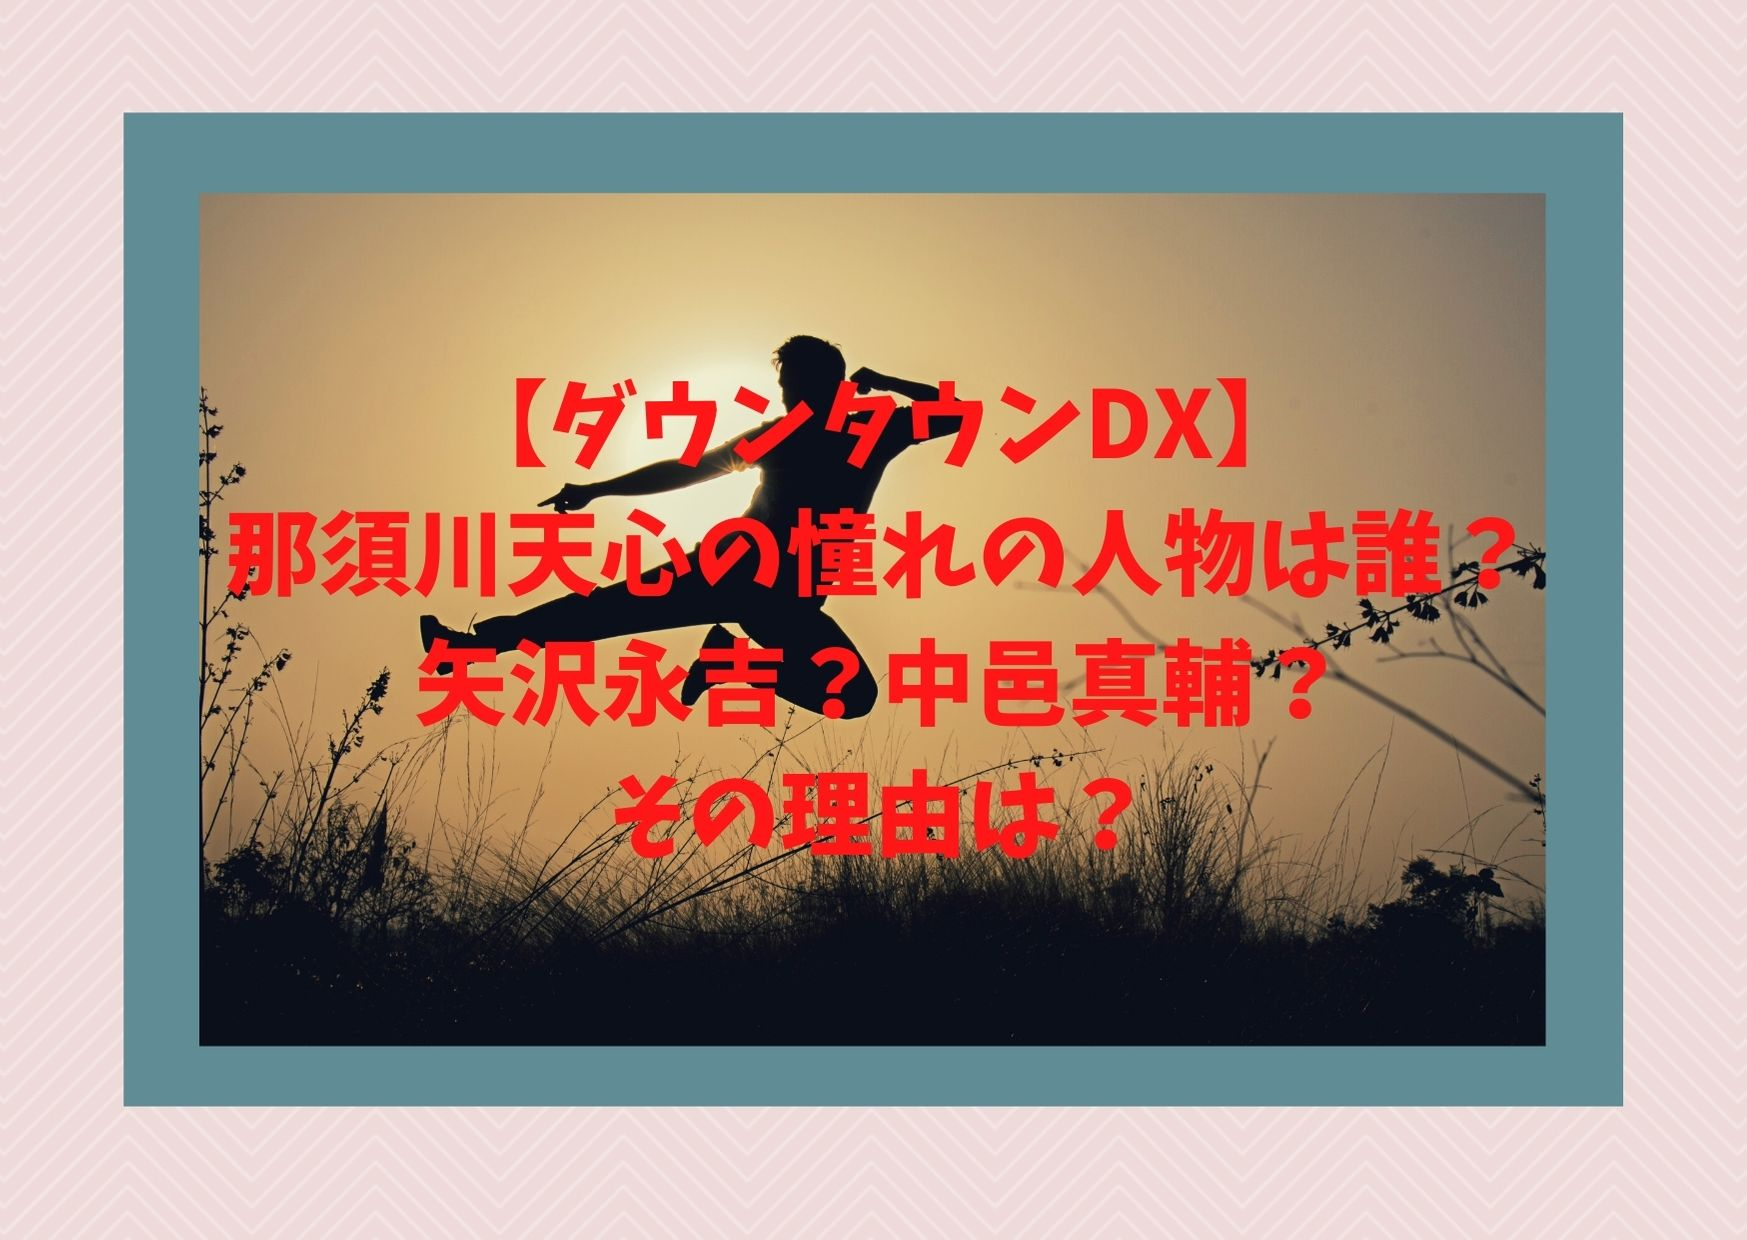 【ダウンタウンDX】那須川天心の憧れの人物は誰?矢沢永吉?中邑真輔?その理由は?